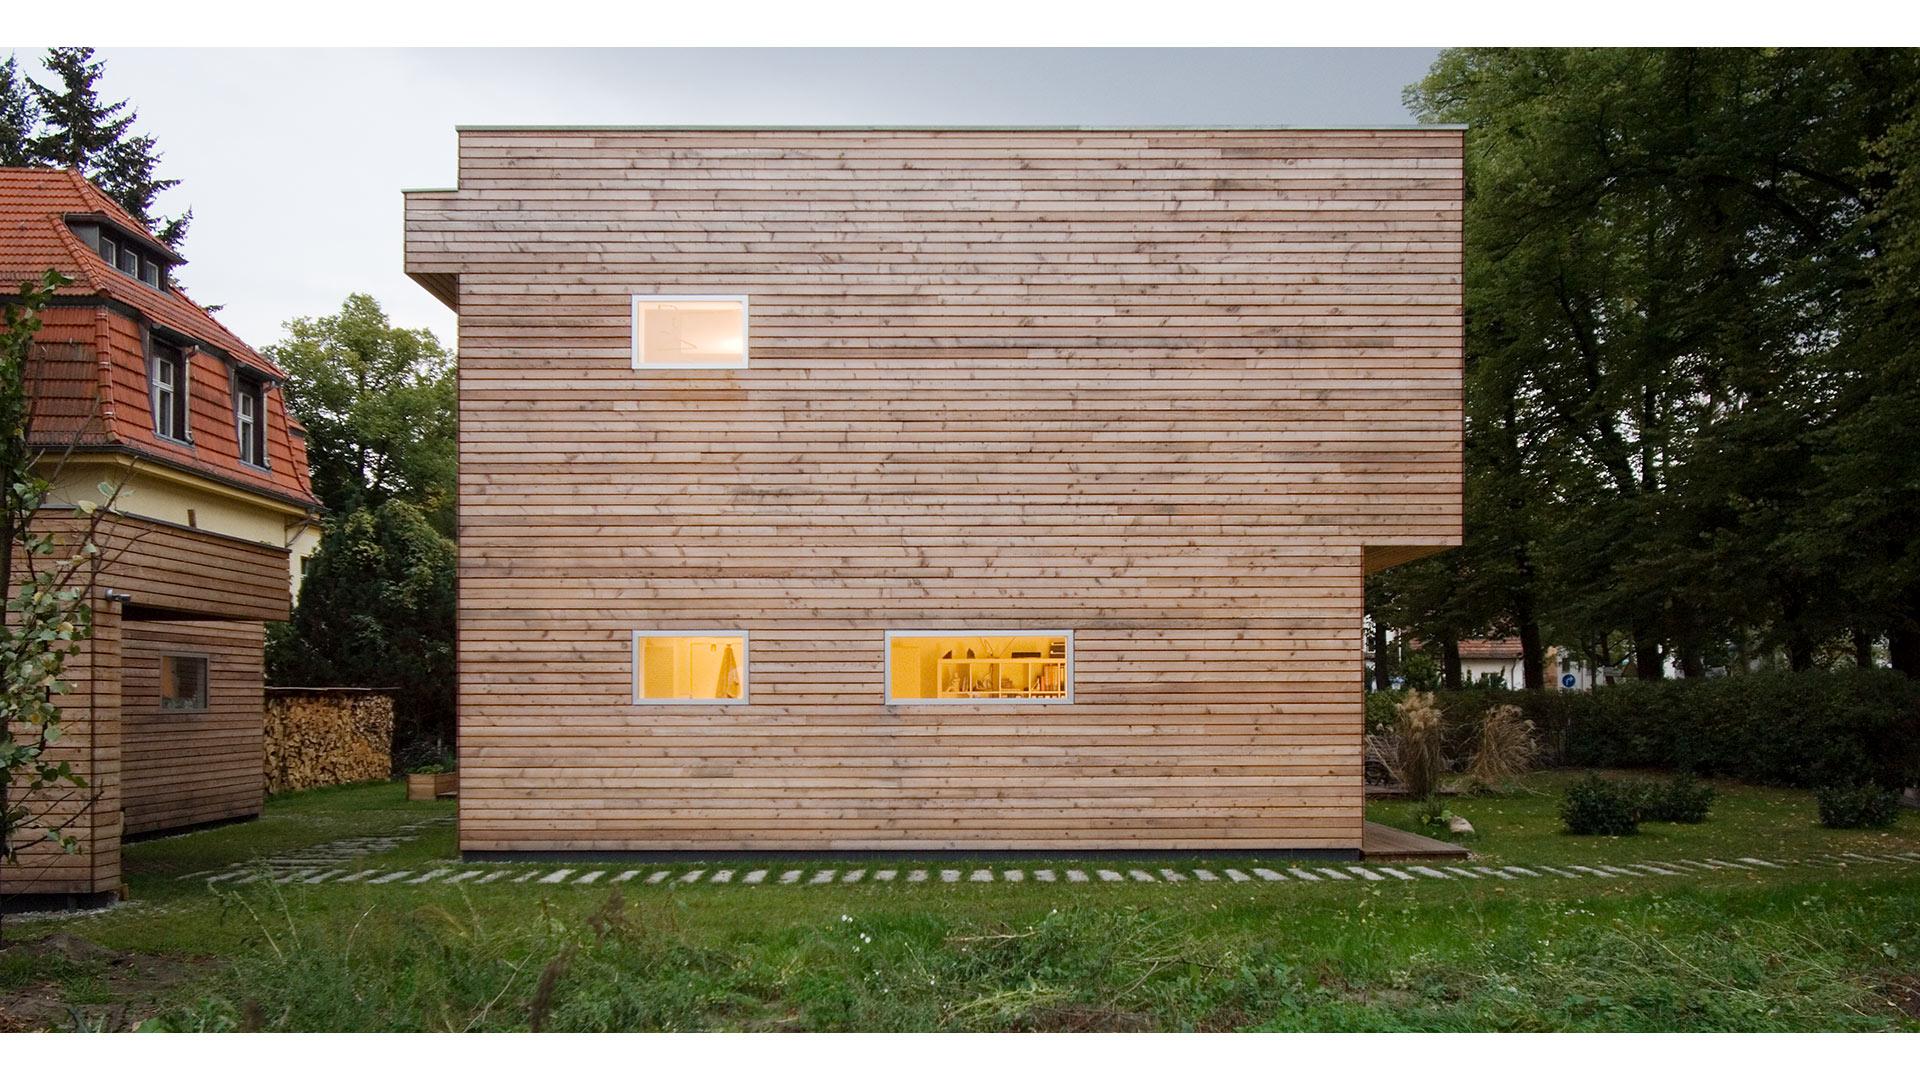 Haus FJ, Berlin | Sauerzapfe Architekten